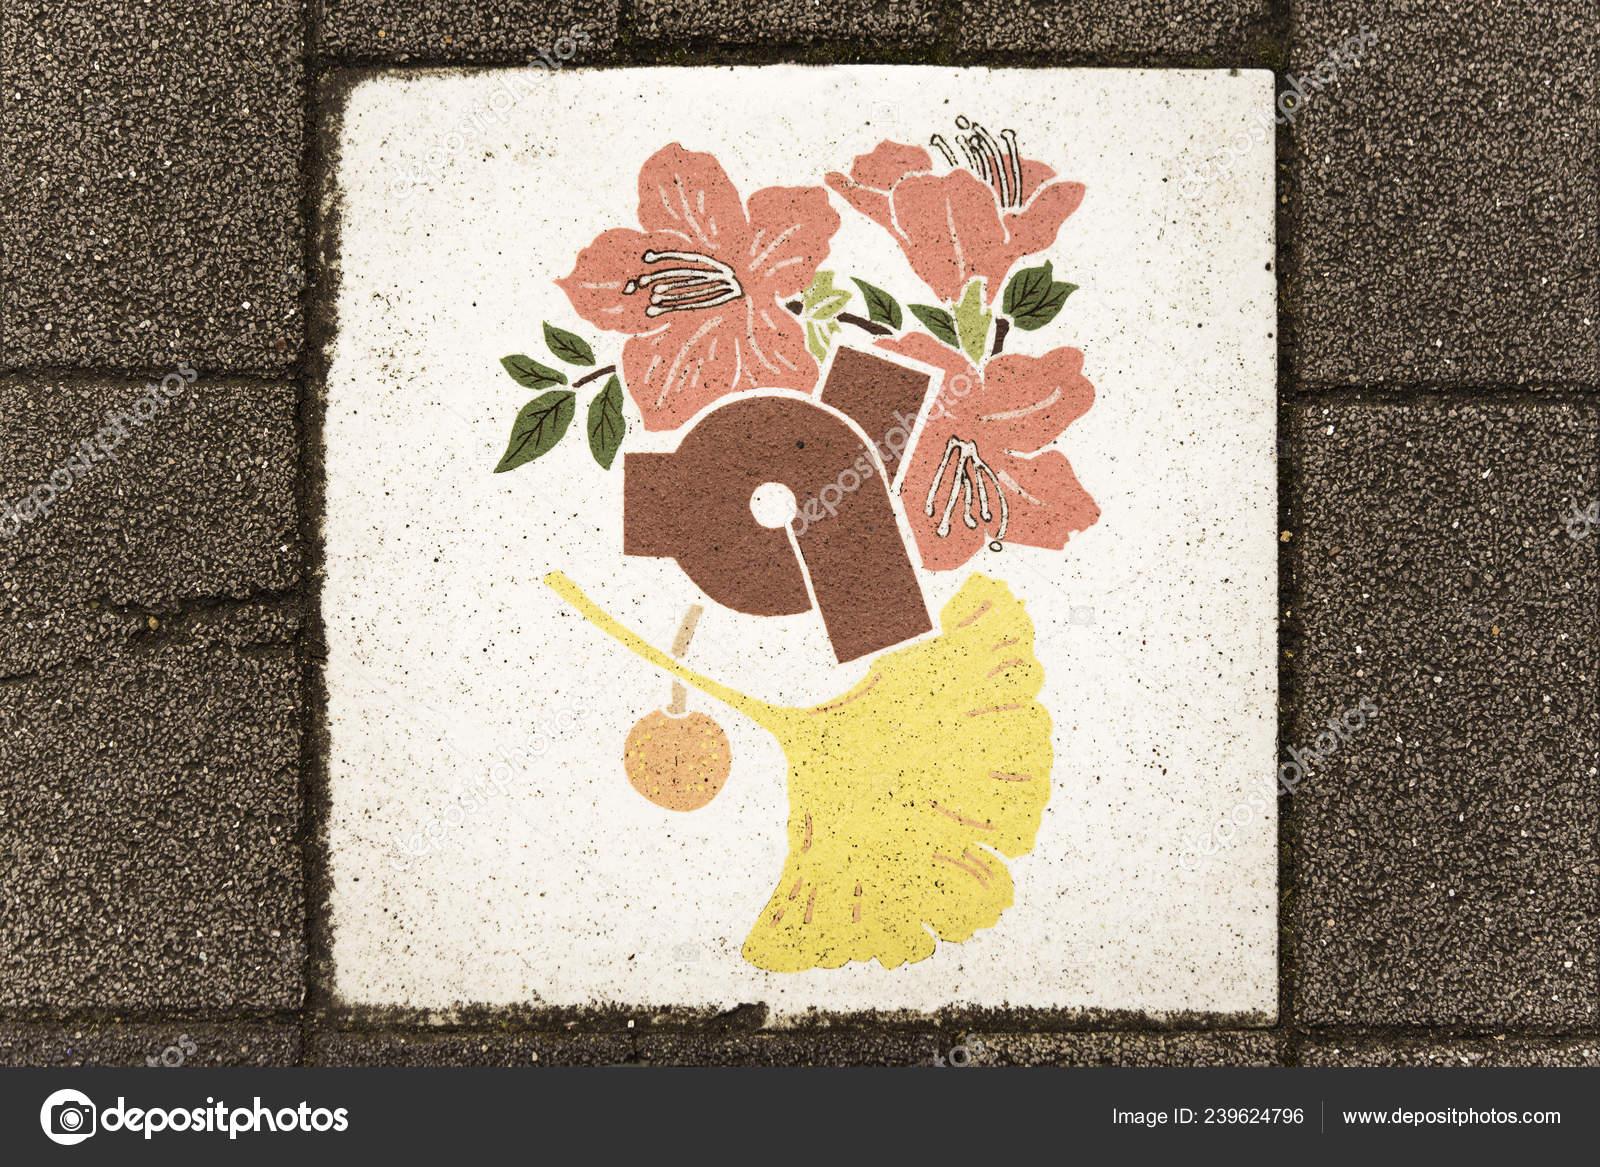 Piastrelle ceramica decorato con fiori ciliegia ciliegie foglie